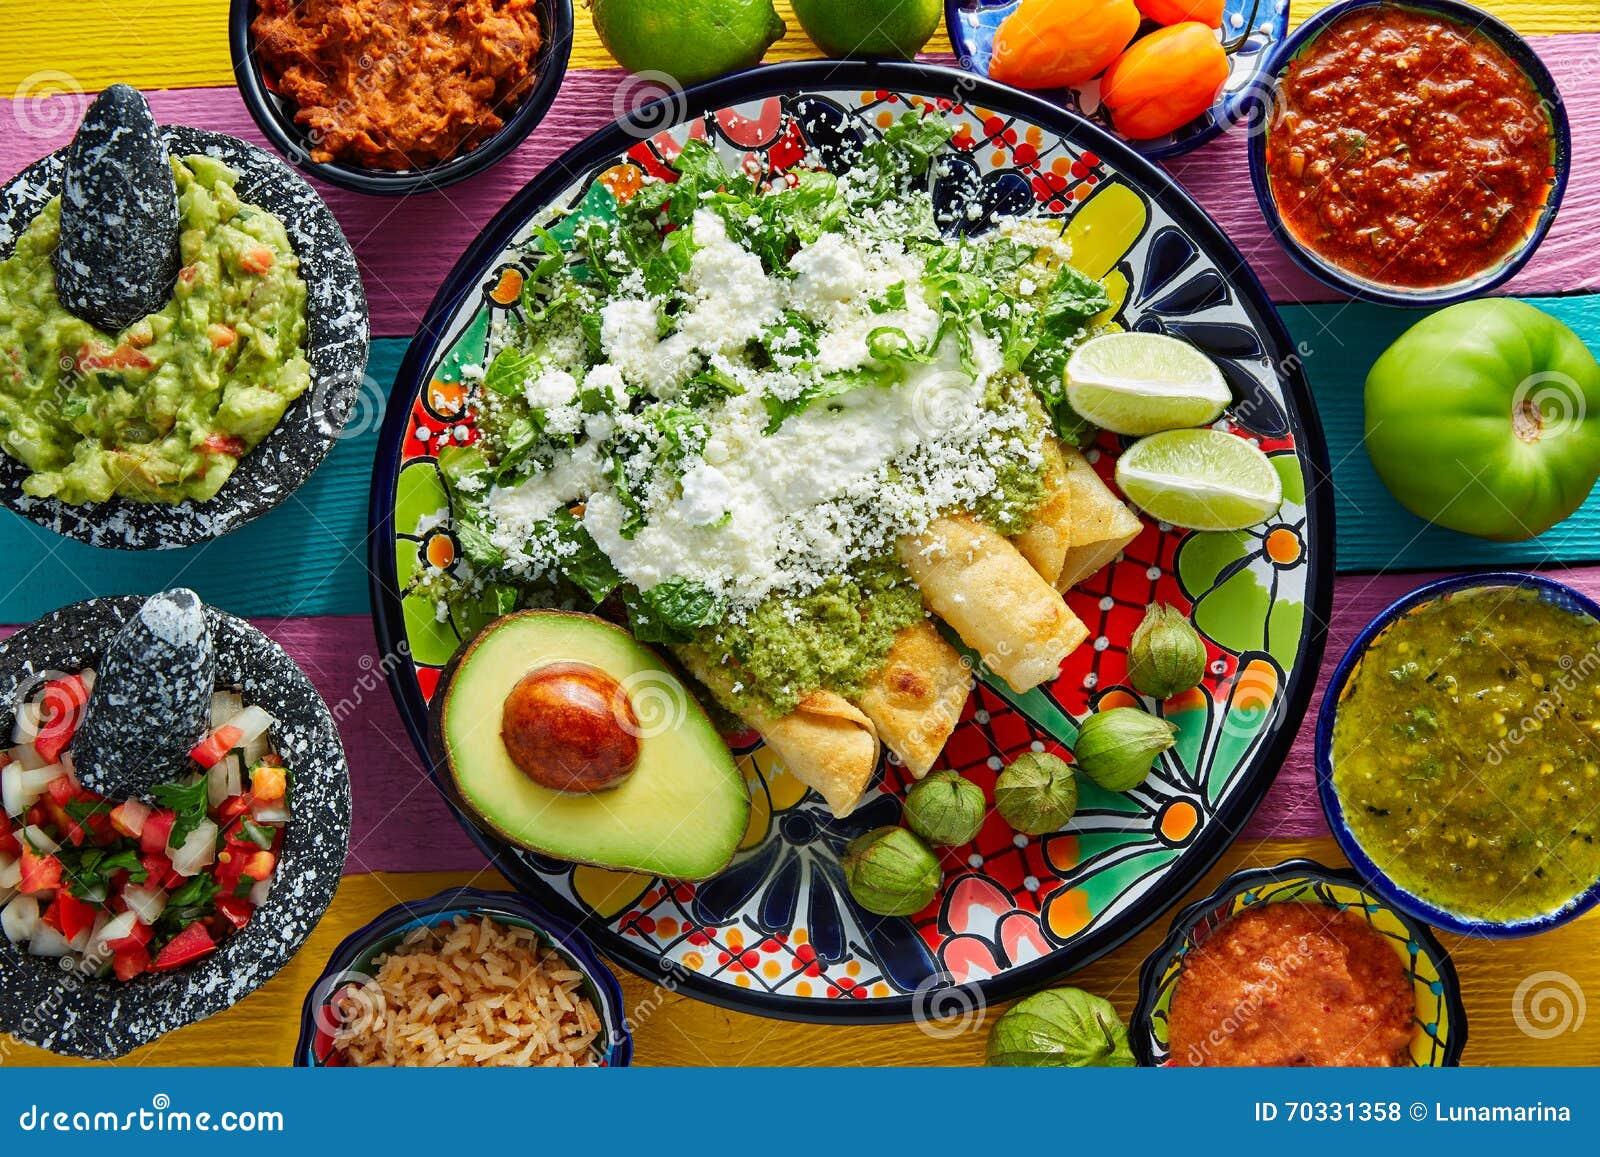 Fondo De Comida Mexicana: Comida Mexicana De Los Enchiladas Verdes Con Guacamole